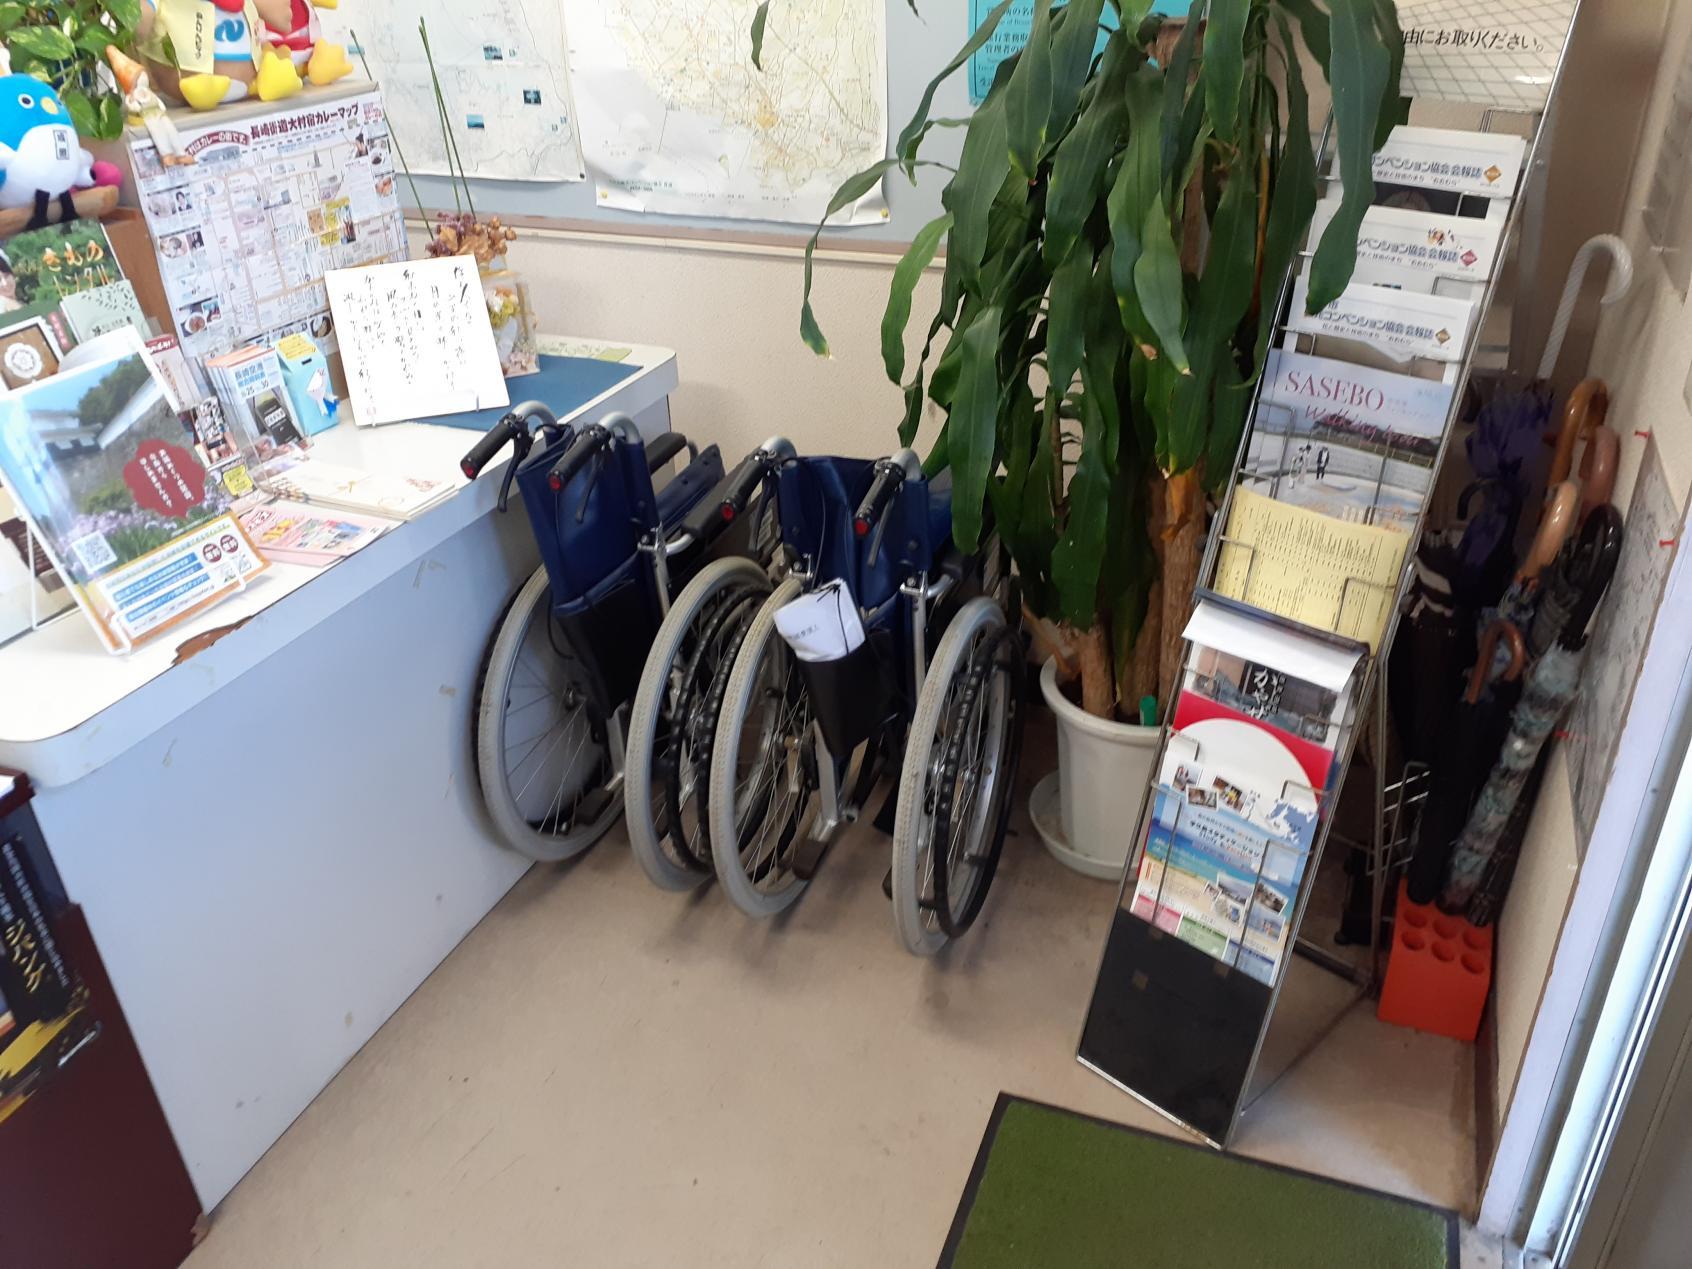 案内所入口にある無償レンタルの車椅子-3